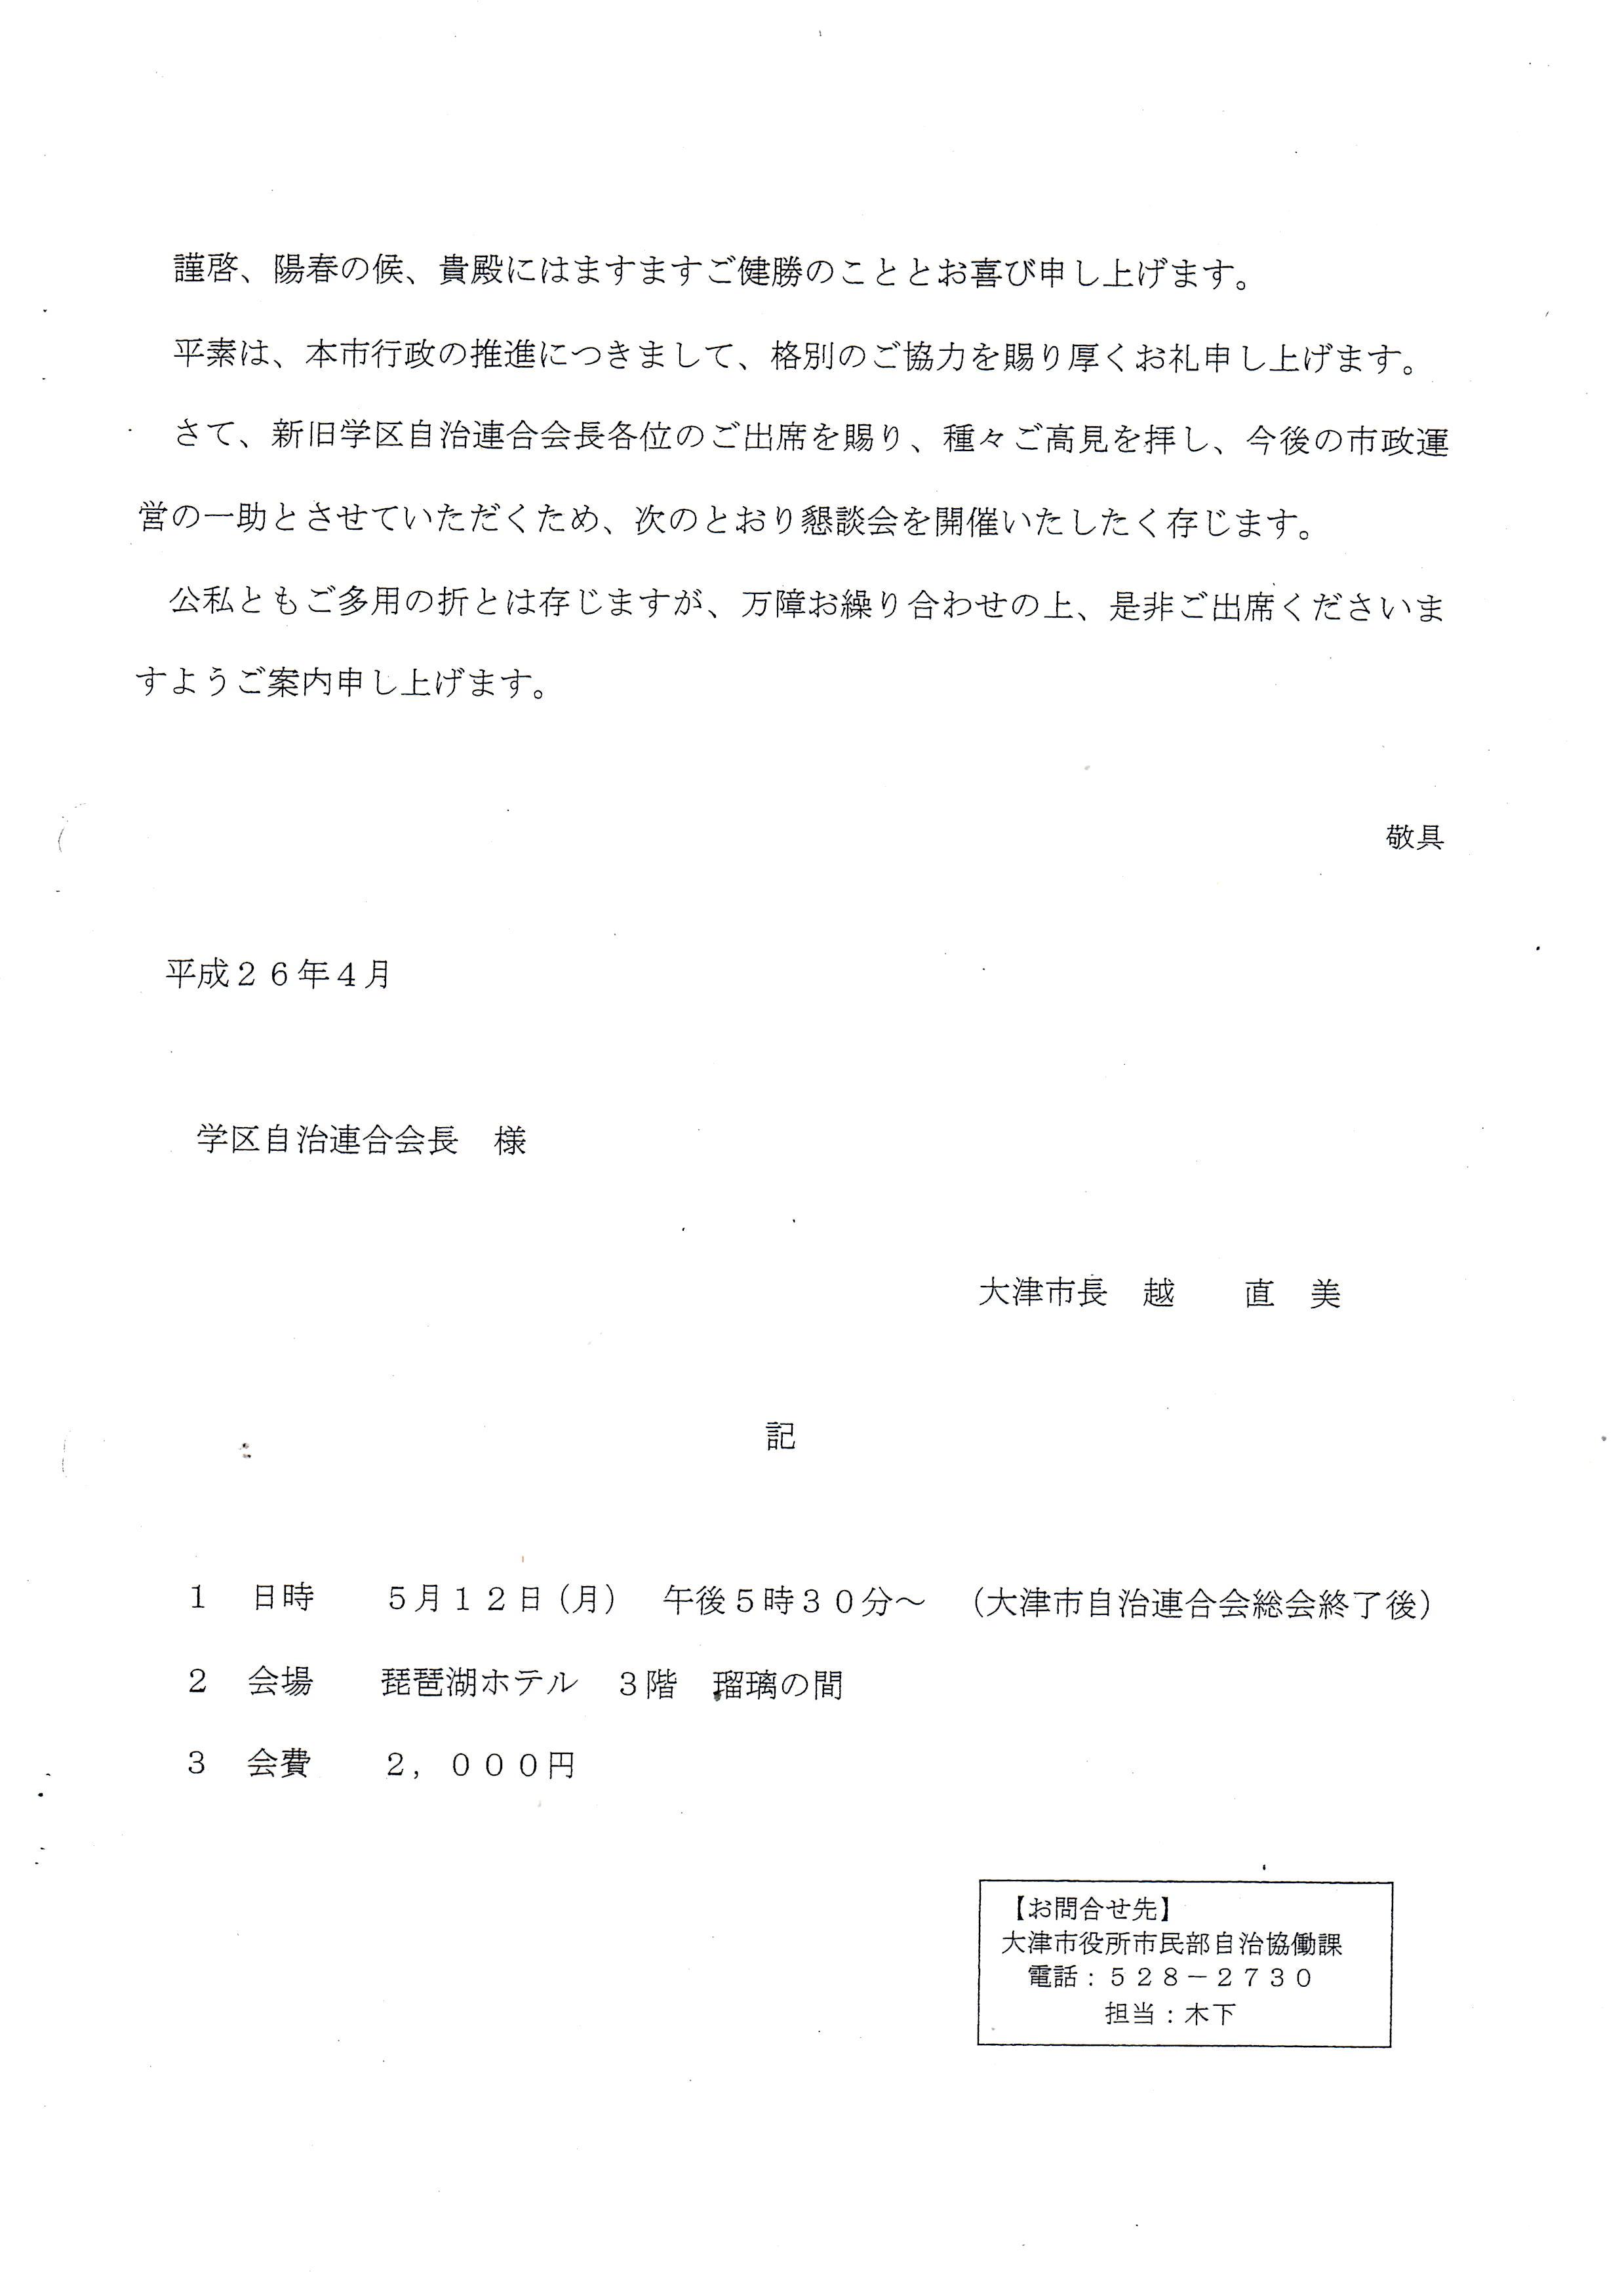 越市長から学区自治連合会長へ2000円の案内